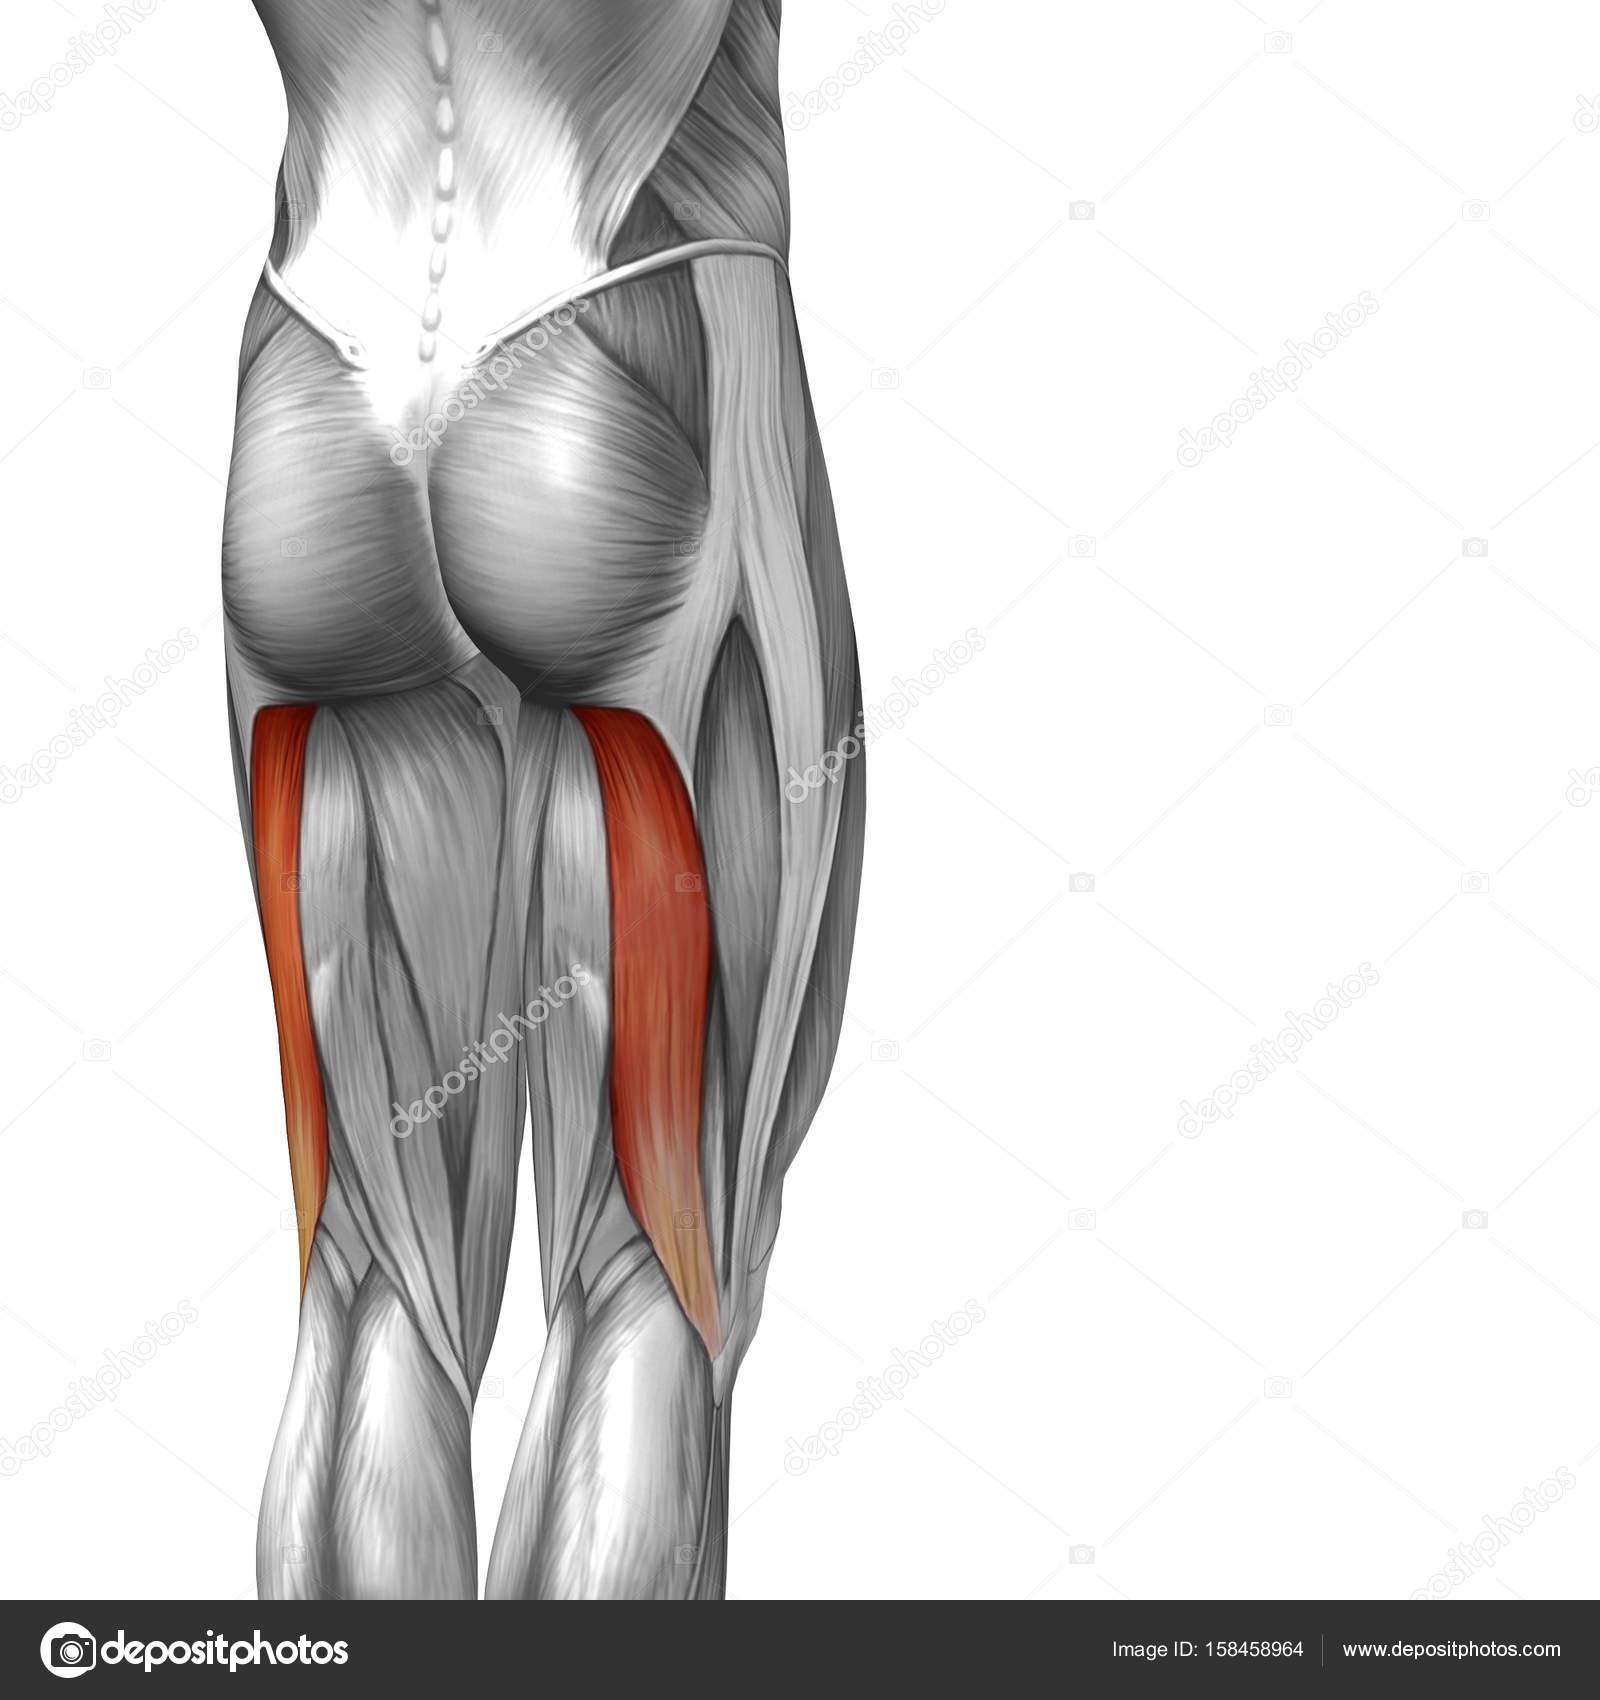 Wunderbar Muskeln Oberschenkel Anatomie Fotos - Menschliche Anatomie ...